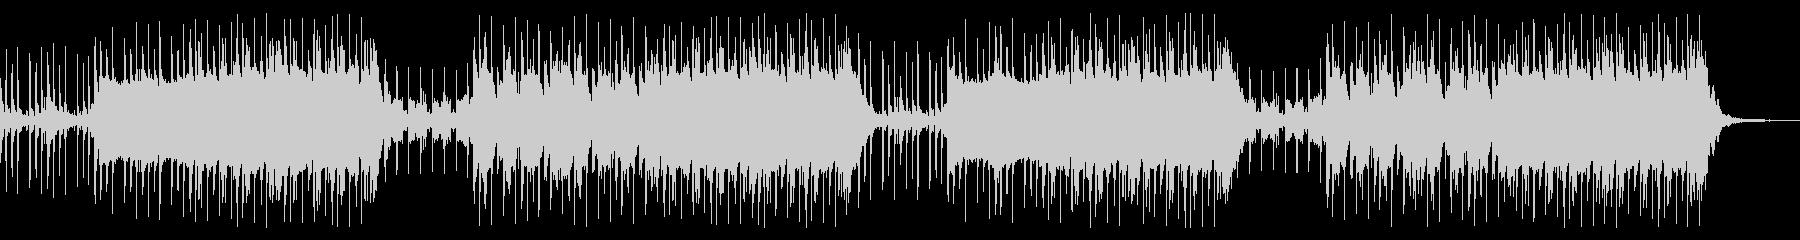 和風ダークヒップホップ2(三味線,尺八)の未再生の波形